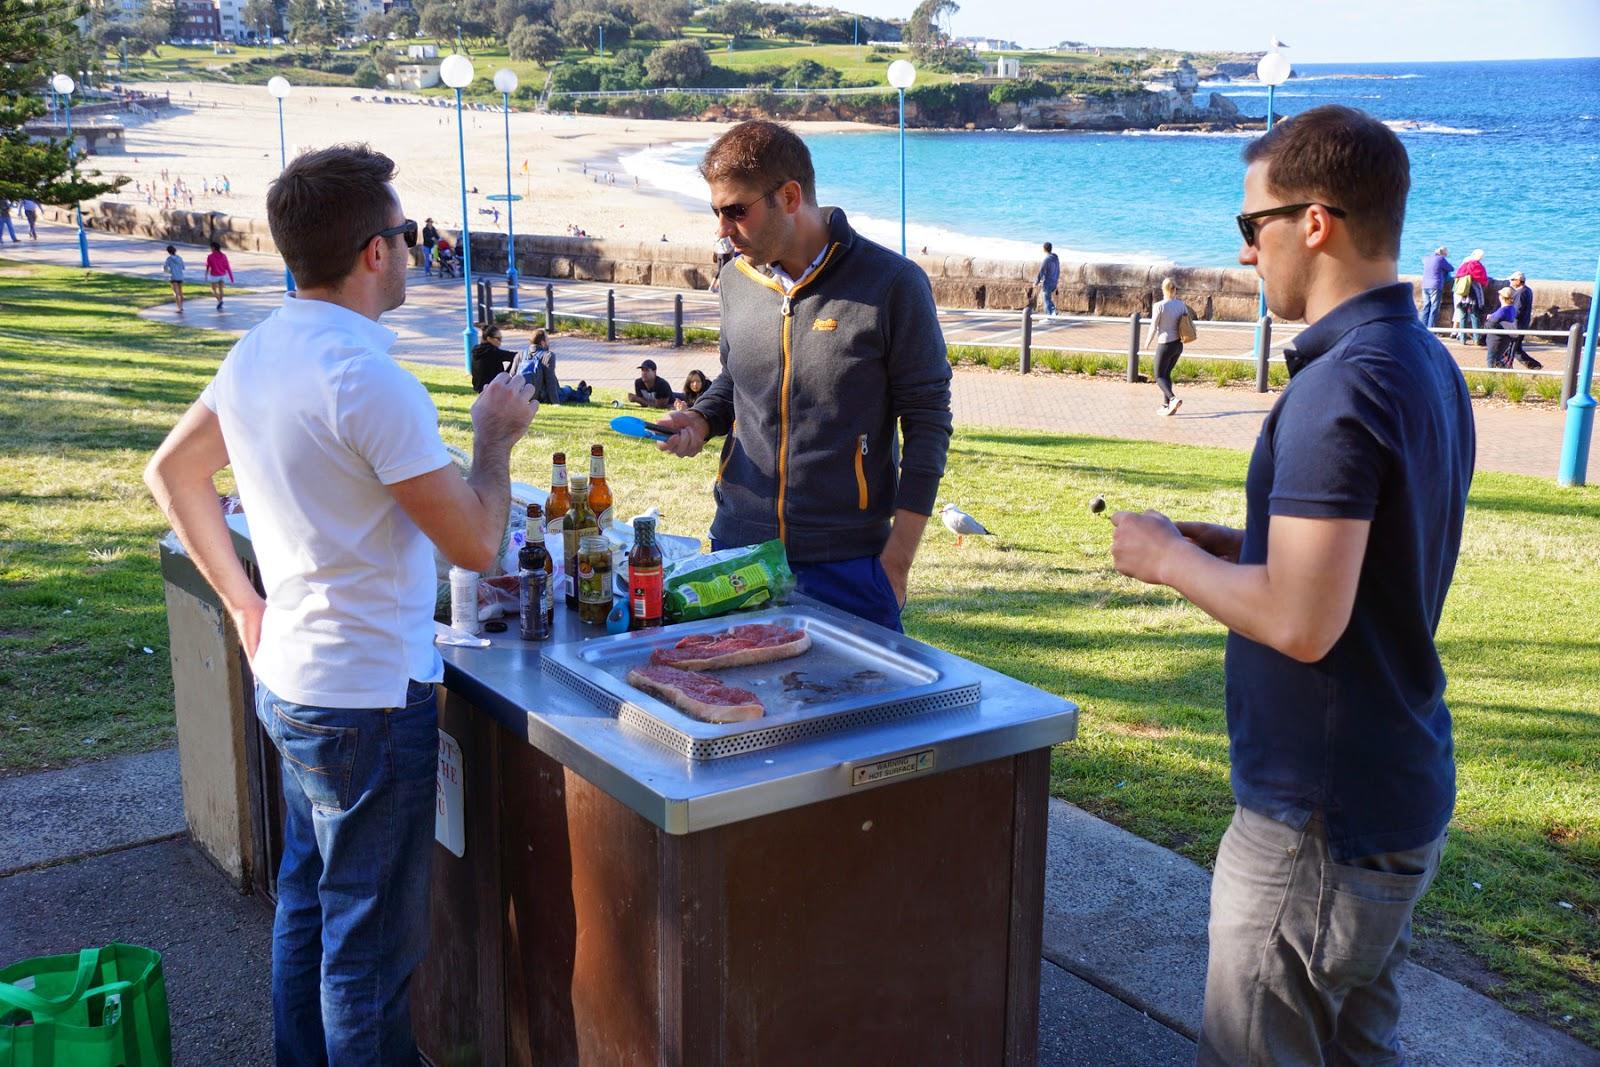 HAVE A BBQ ON THE BEACH - 22 mẹo tiết kiệm tiền hay ở Úc